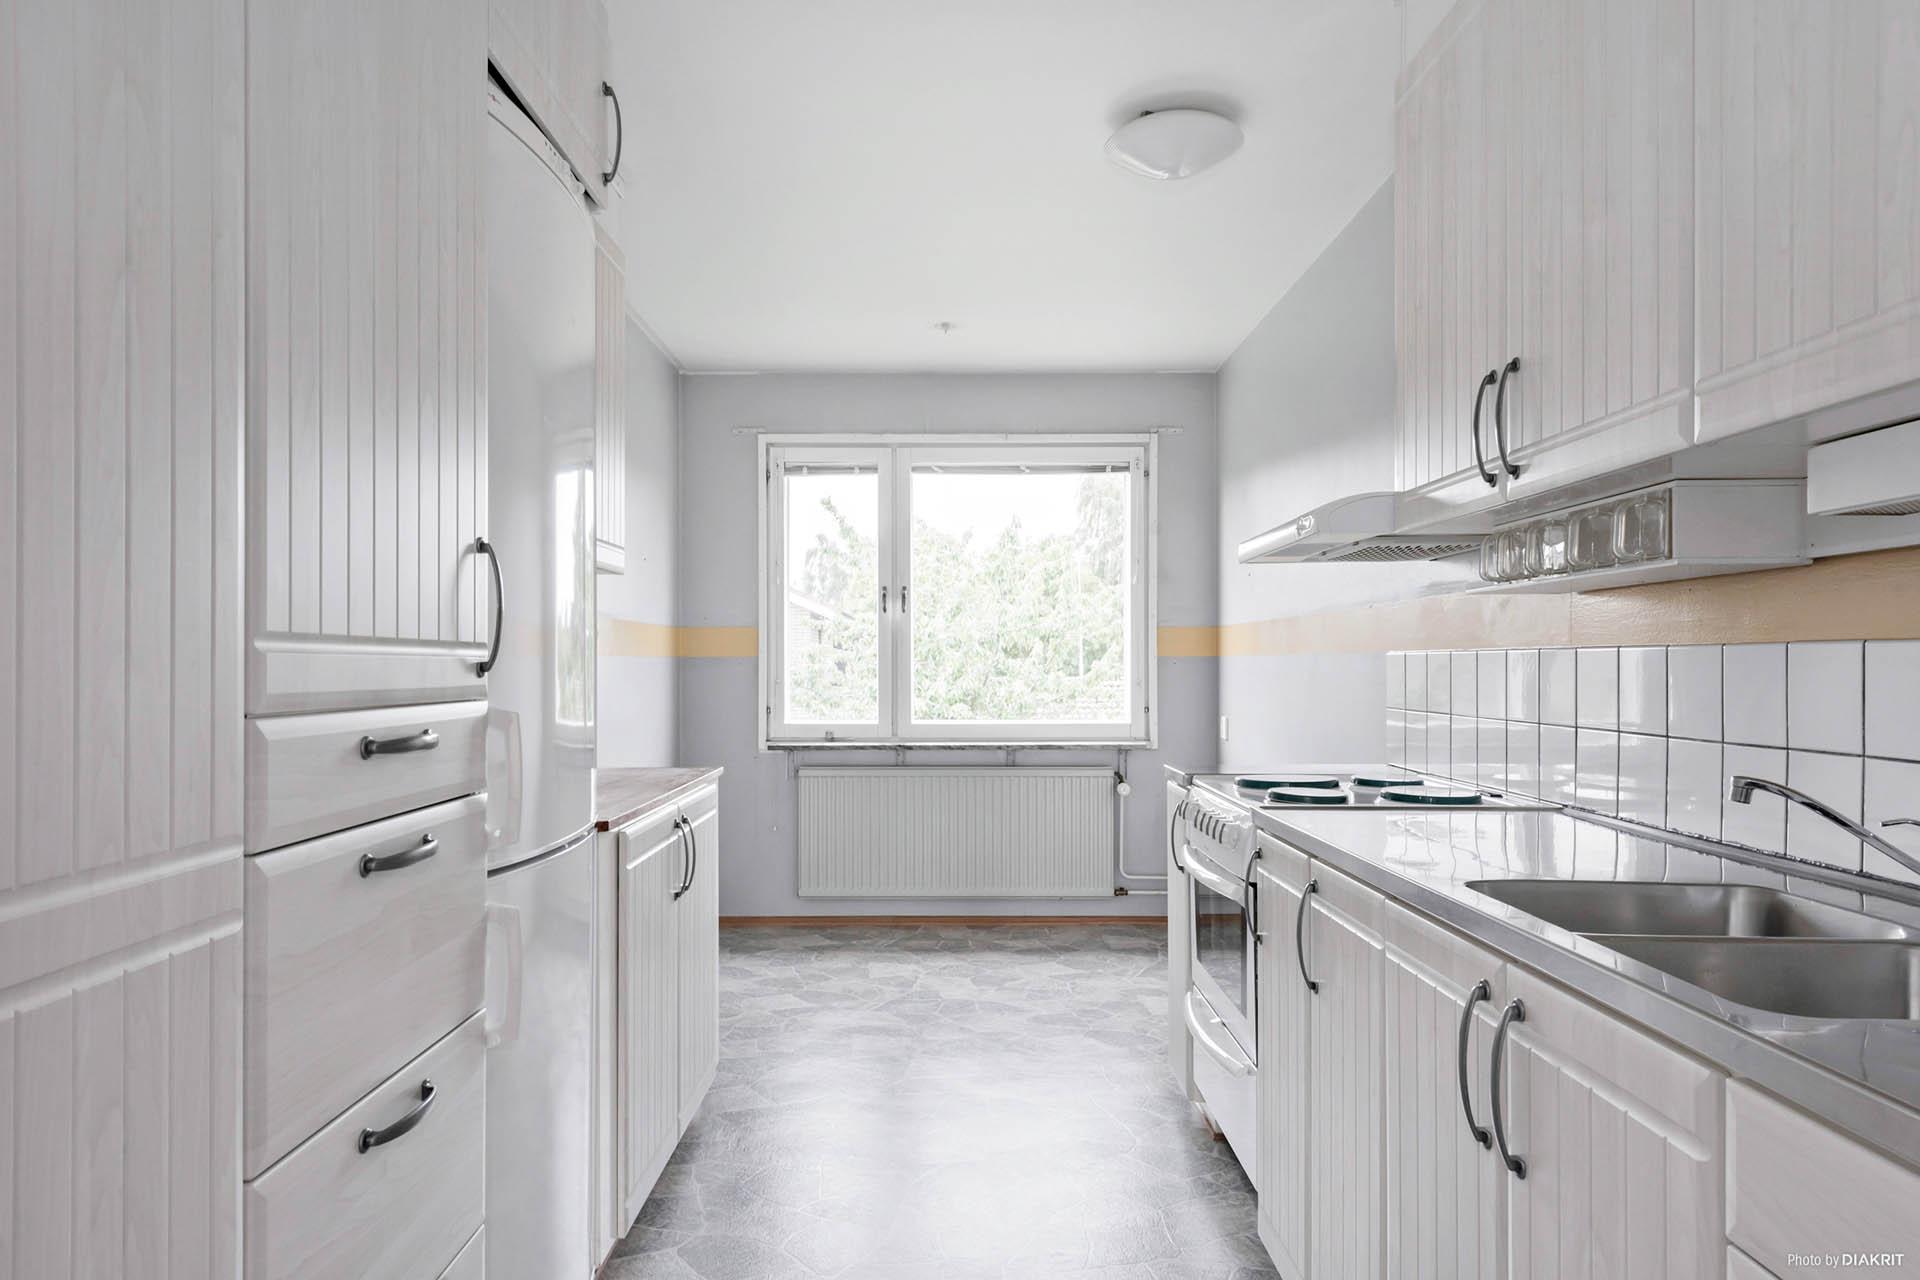 Arbetsvänligt kök med vita fräscha luckor och gott om plats för matplats.